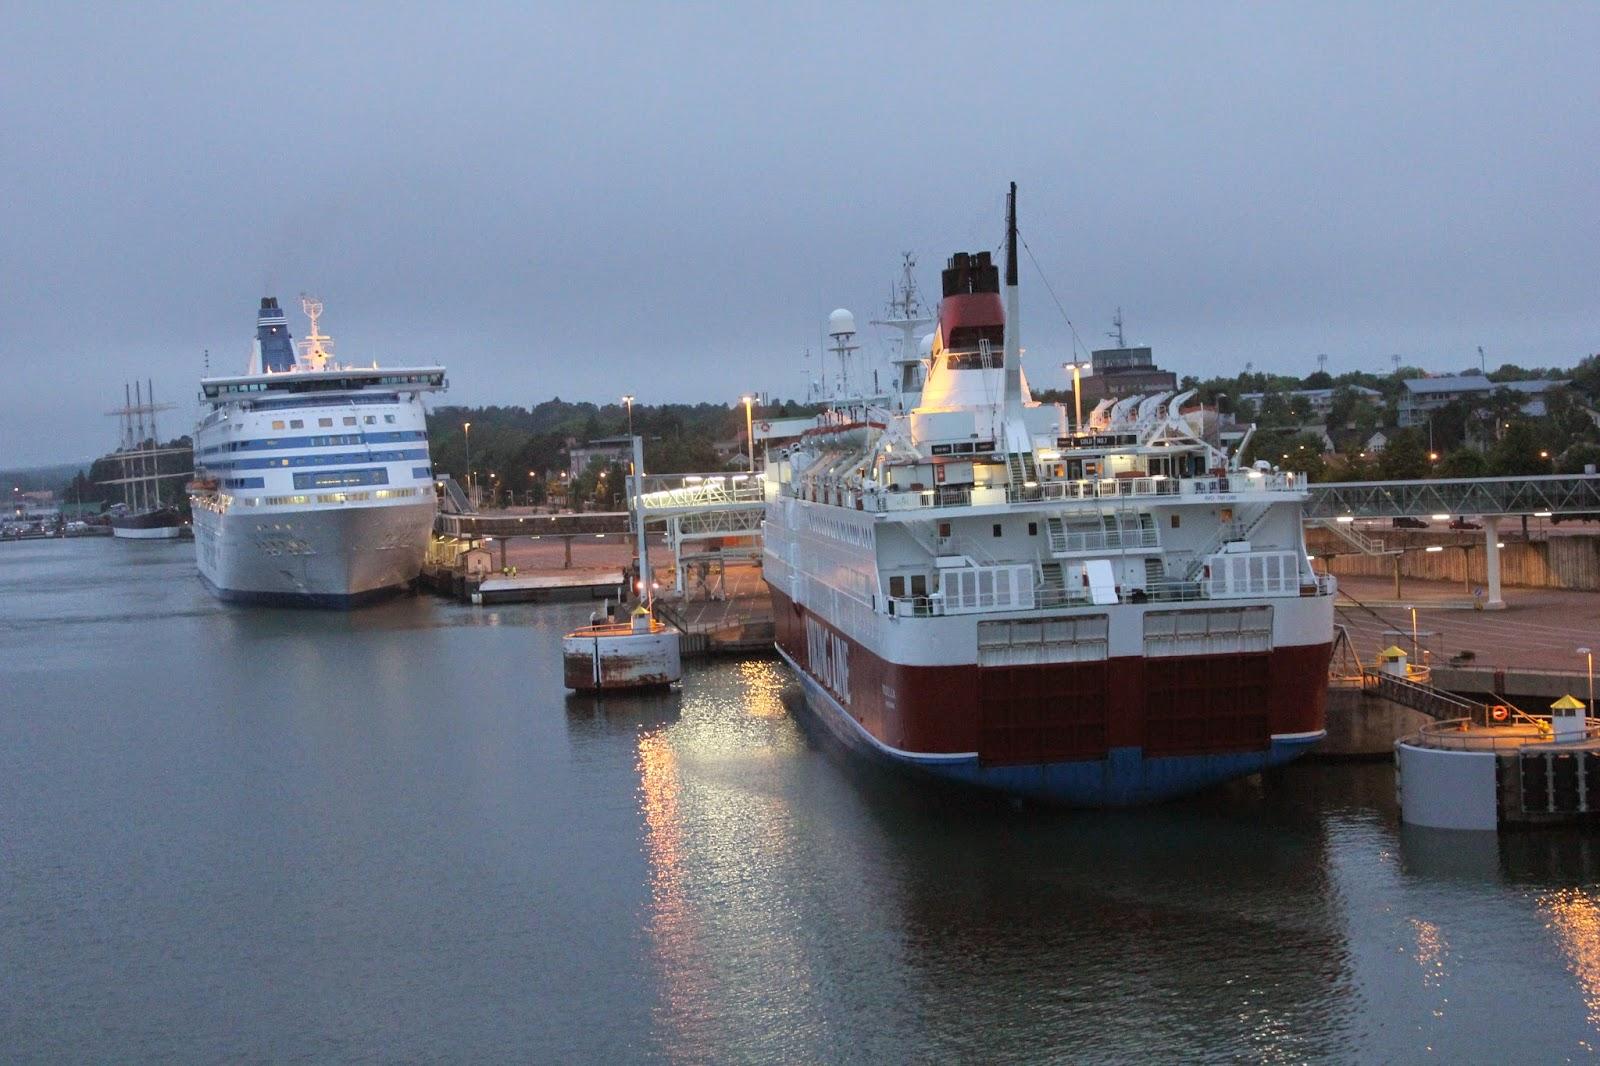 Silja Helsinki Tukholma